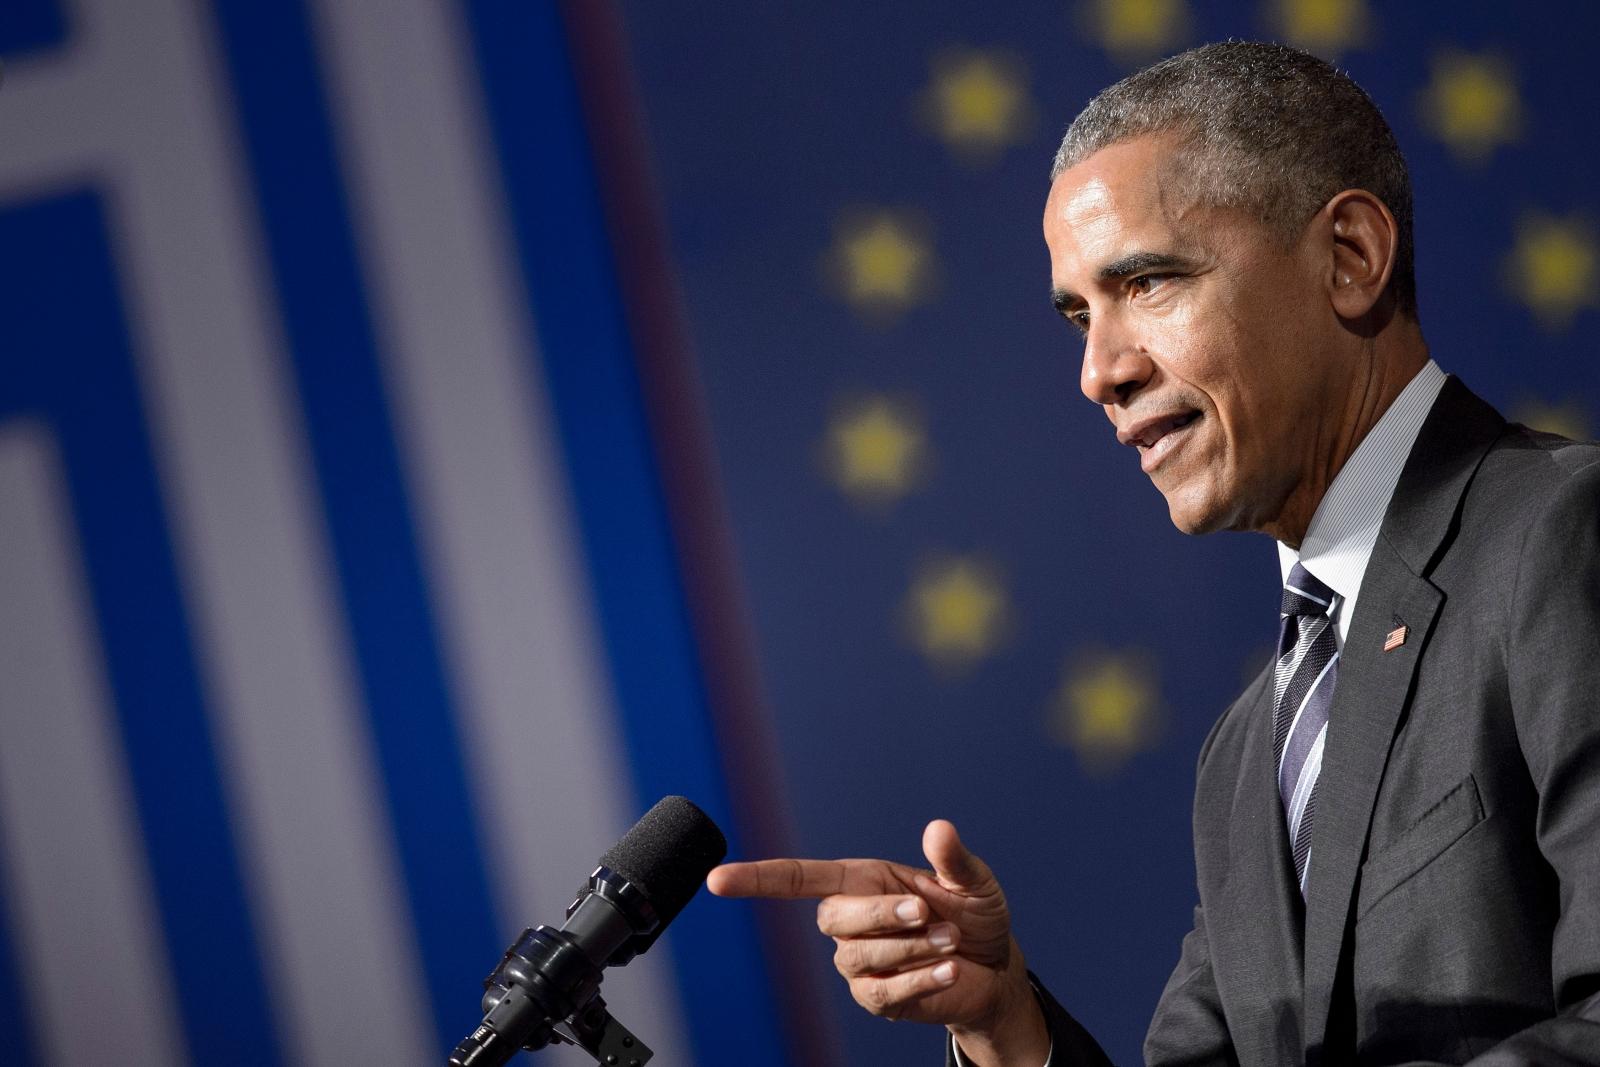 Obama speech in Greece